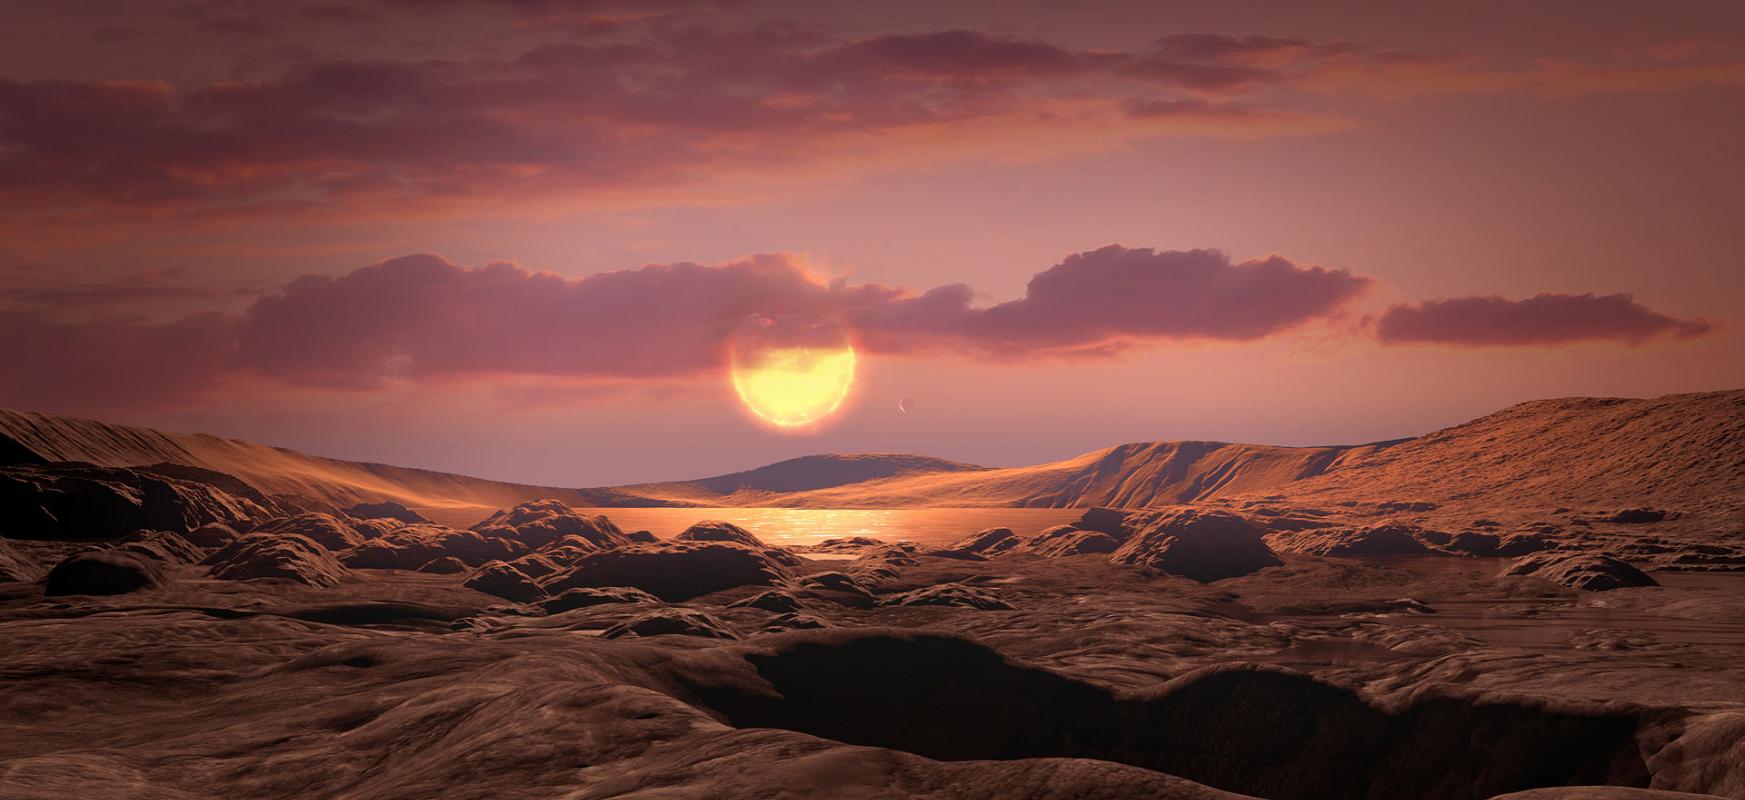 Kepler teleskopioko datu itsaso batean ezkutatu zen.  Lurra bezalako exoplaneta aurkitu da